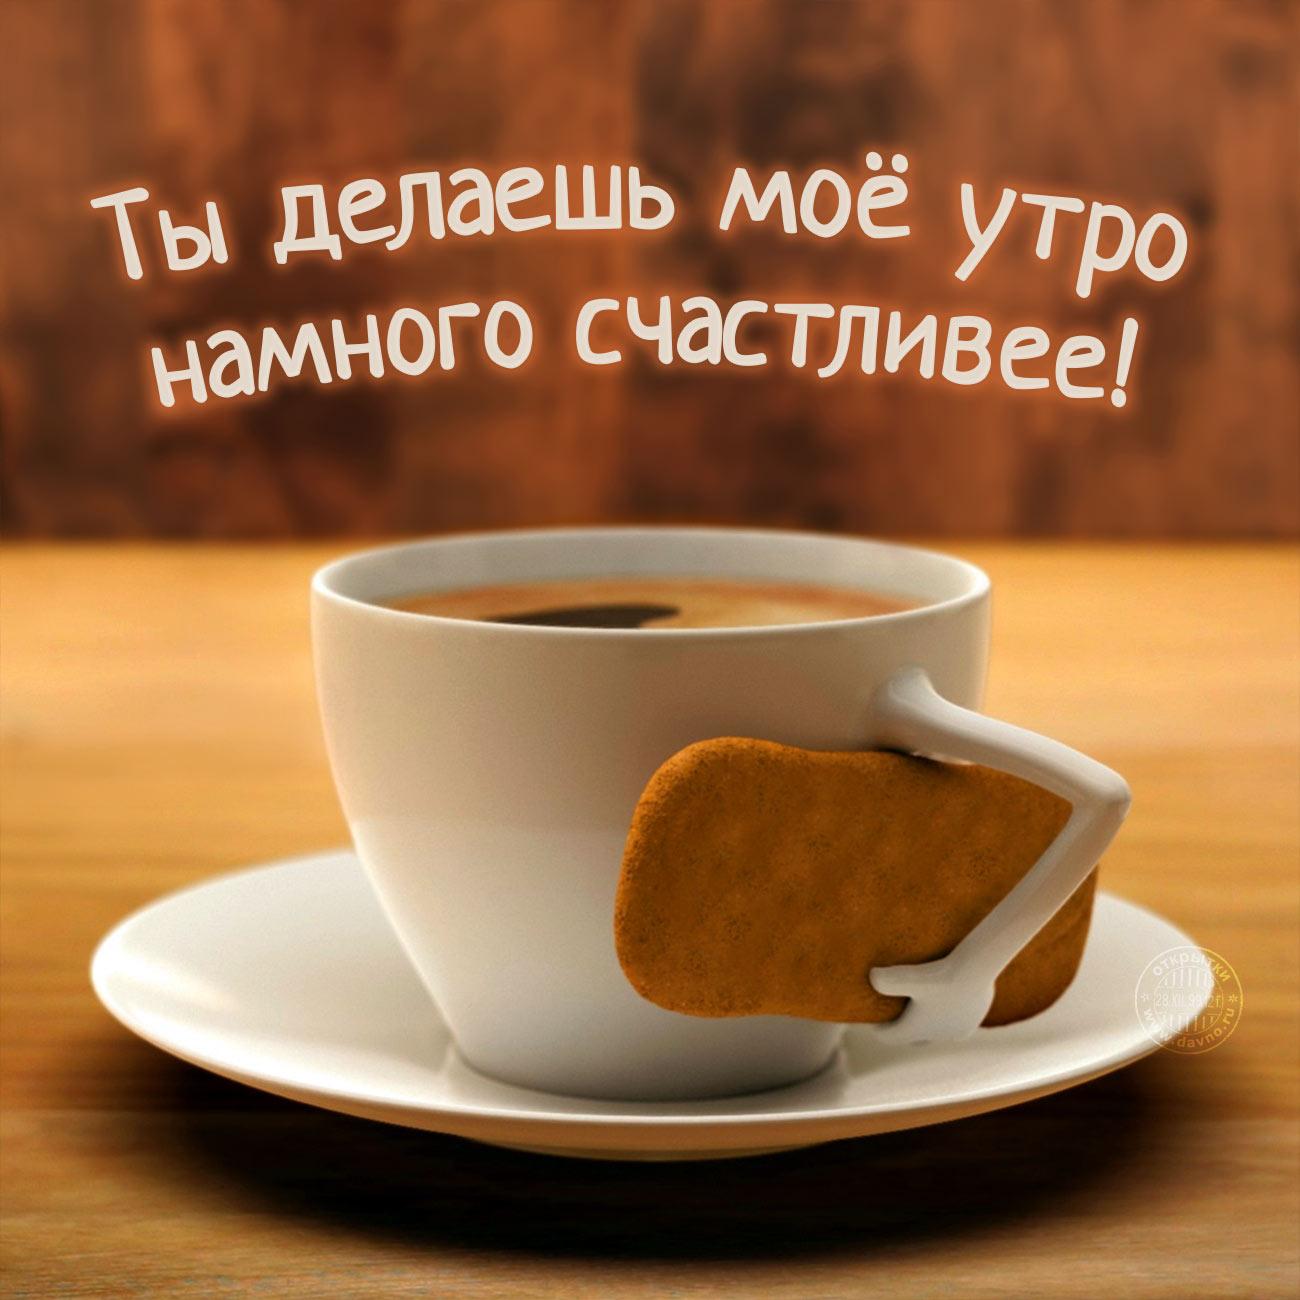 доброе утро картинки необычные красивые прикольные по татарские чего контентщики